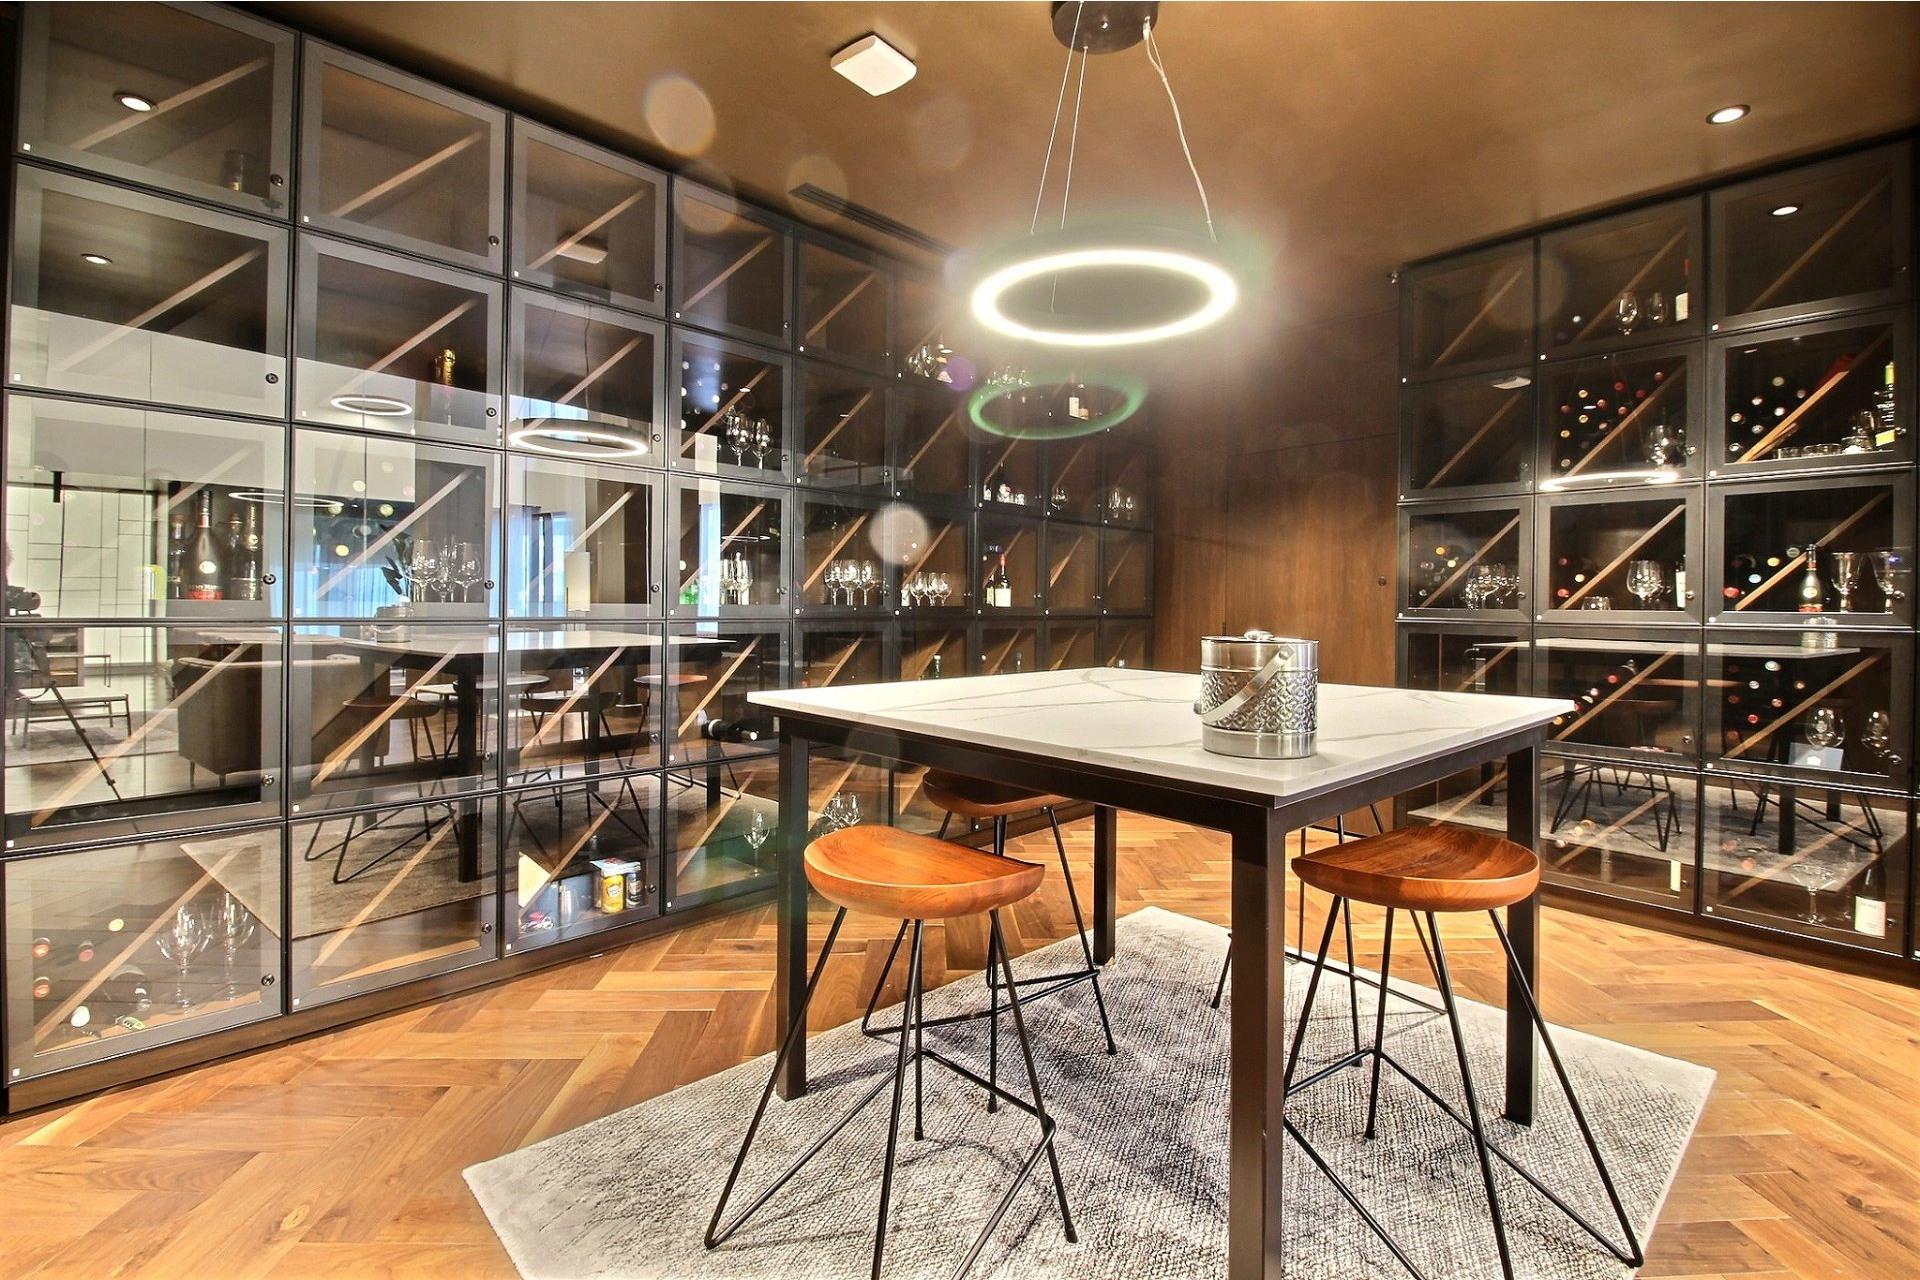 image 11 - Apartment For rent Ville-Marie Montréal  - 7 rooms